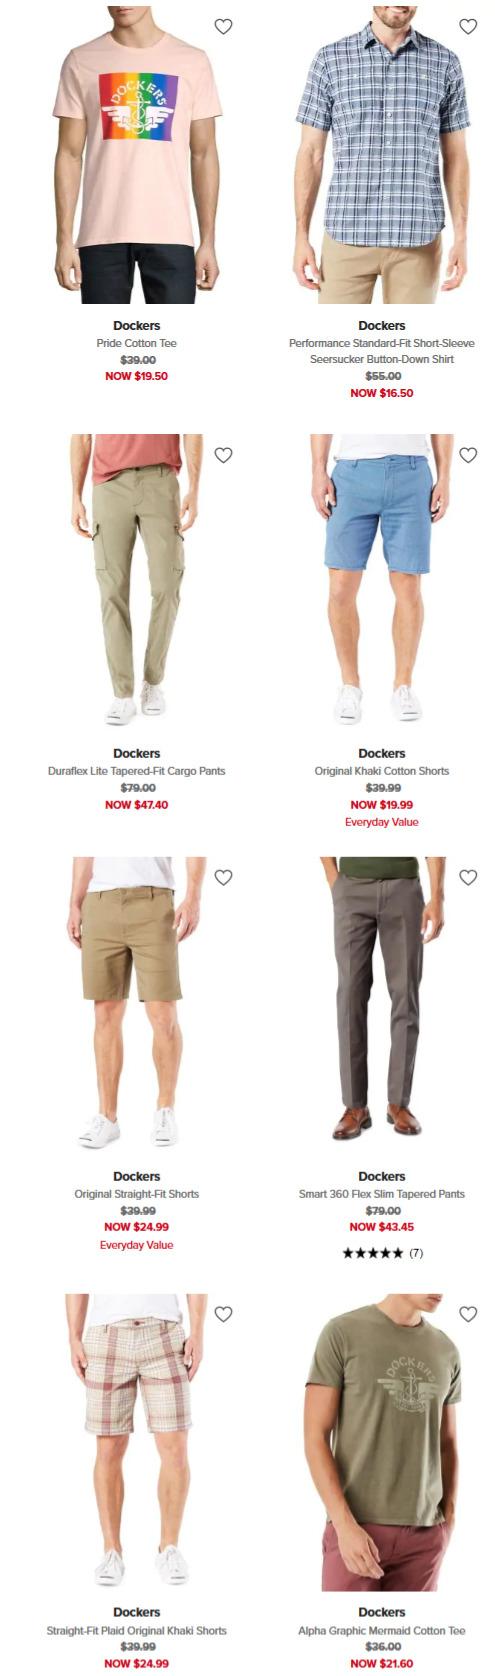 精选 Dockers 休闲男装、卡其裤 3折起+额外8折!时尚休闲两不误!